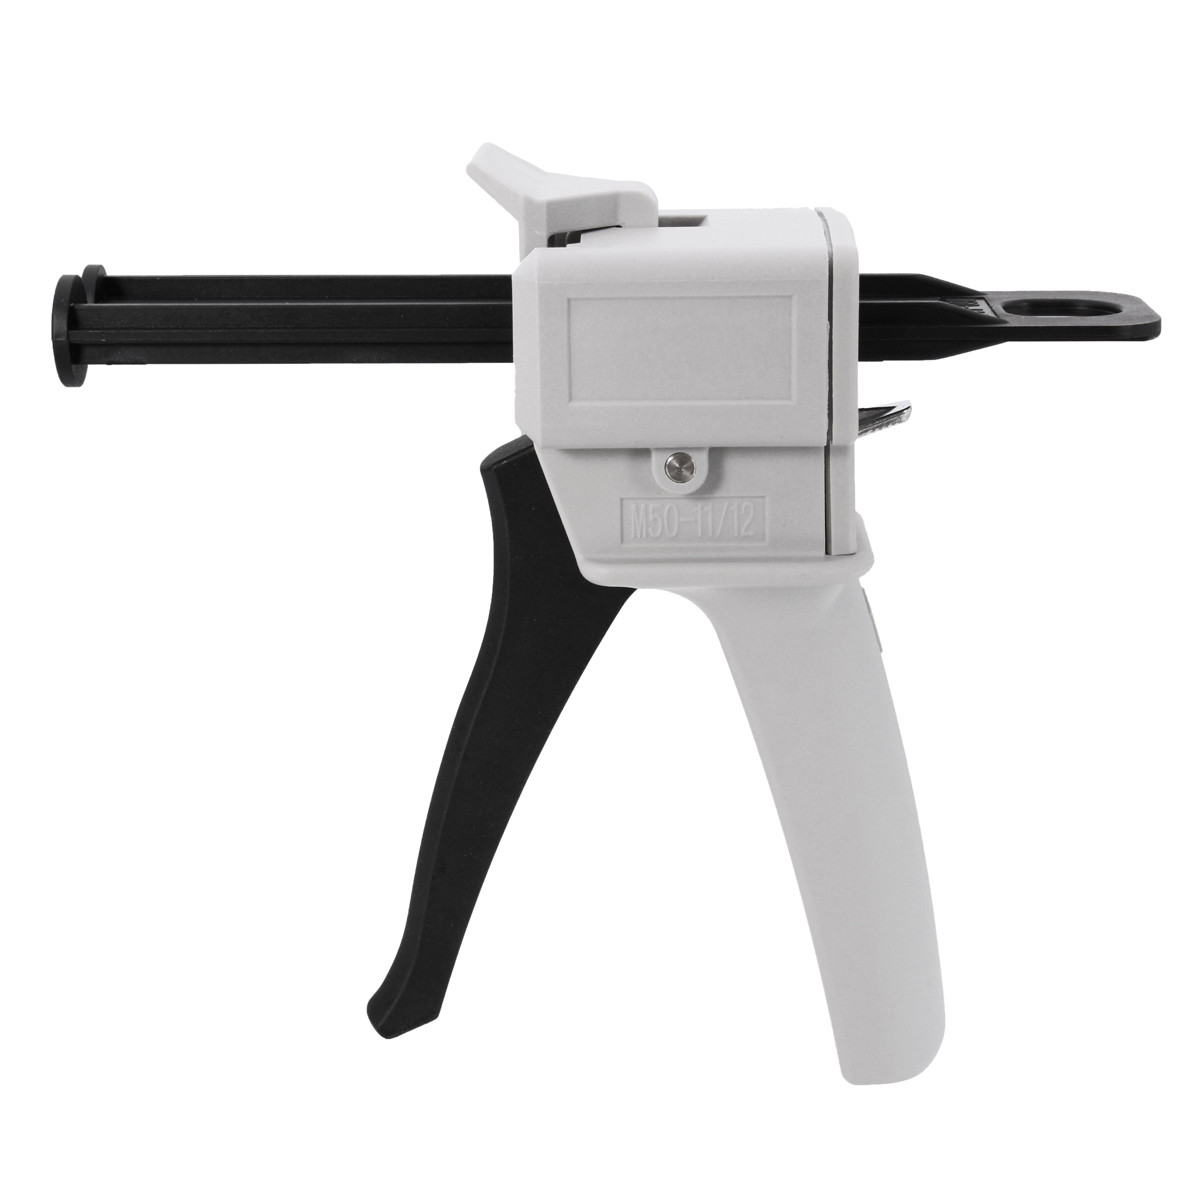 Пистолет - диспенсер для слепочной массы 1:1 и 2:1